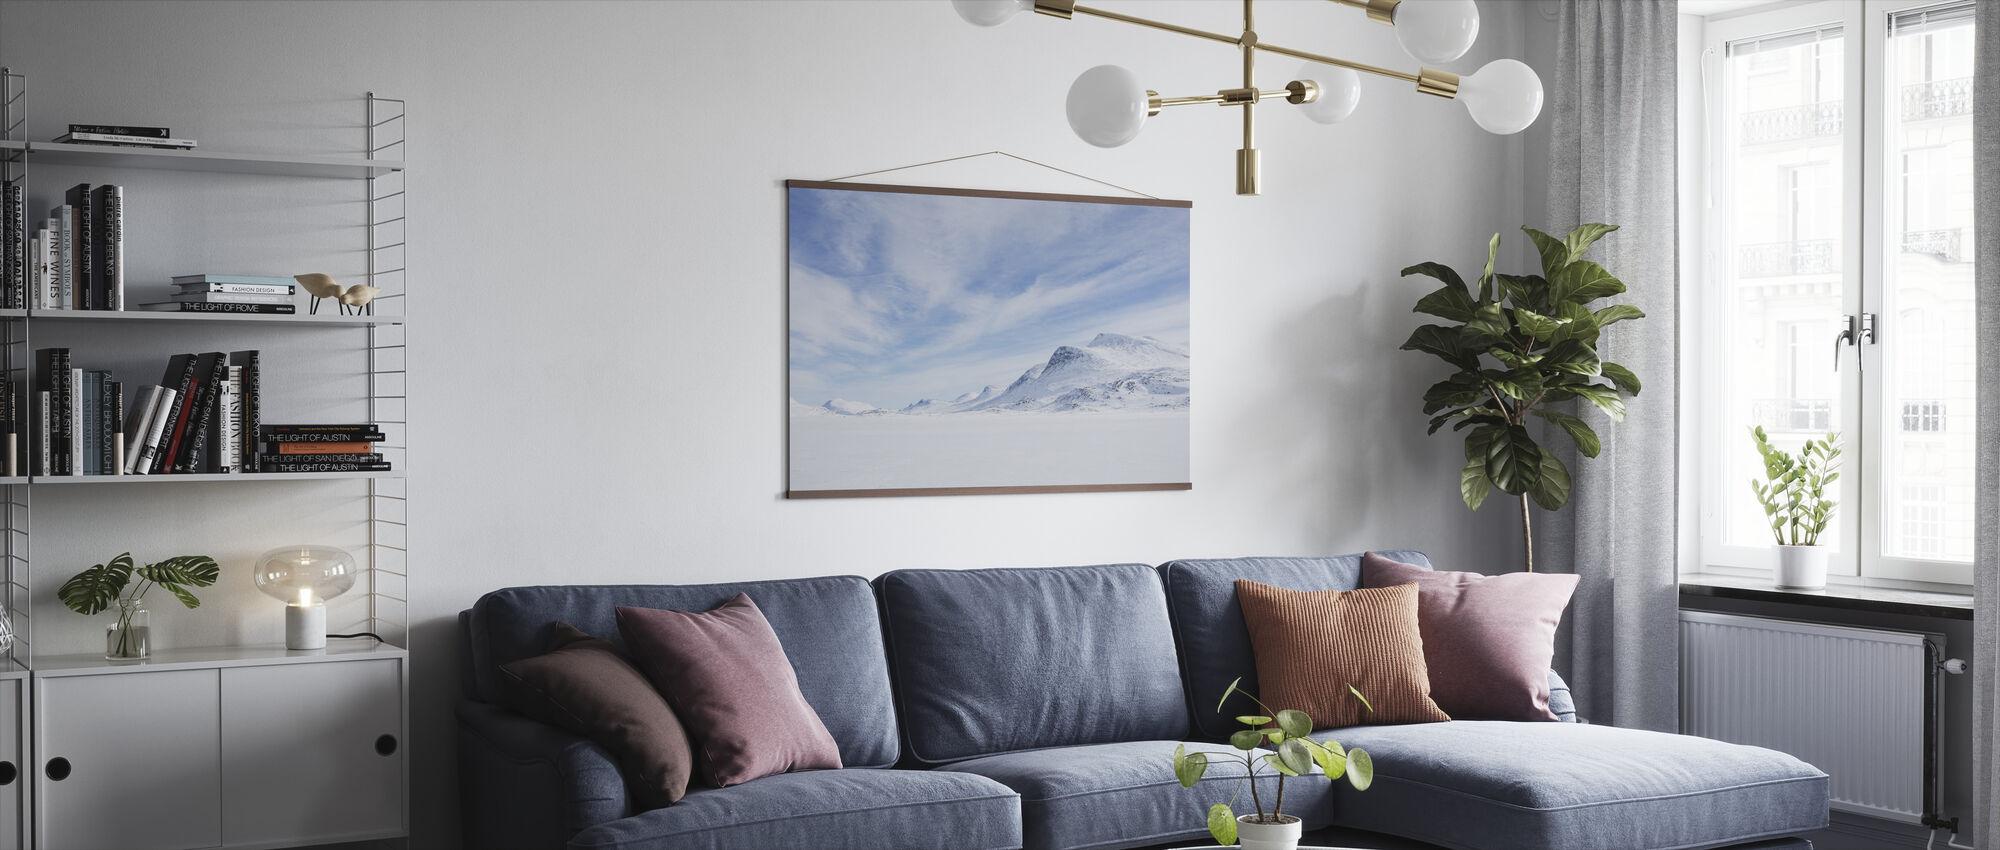 Winterlandschap in Zweeds Lapland - Poster - Woonkamer